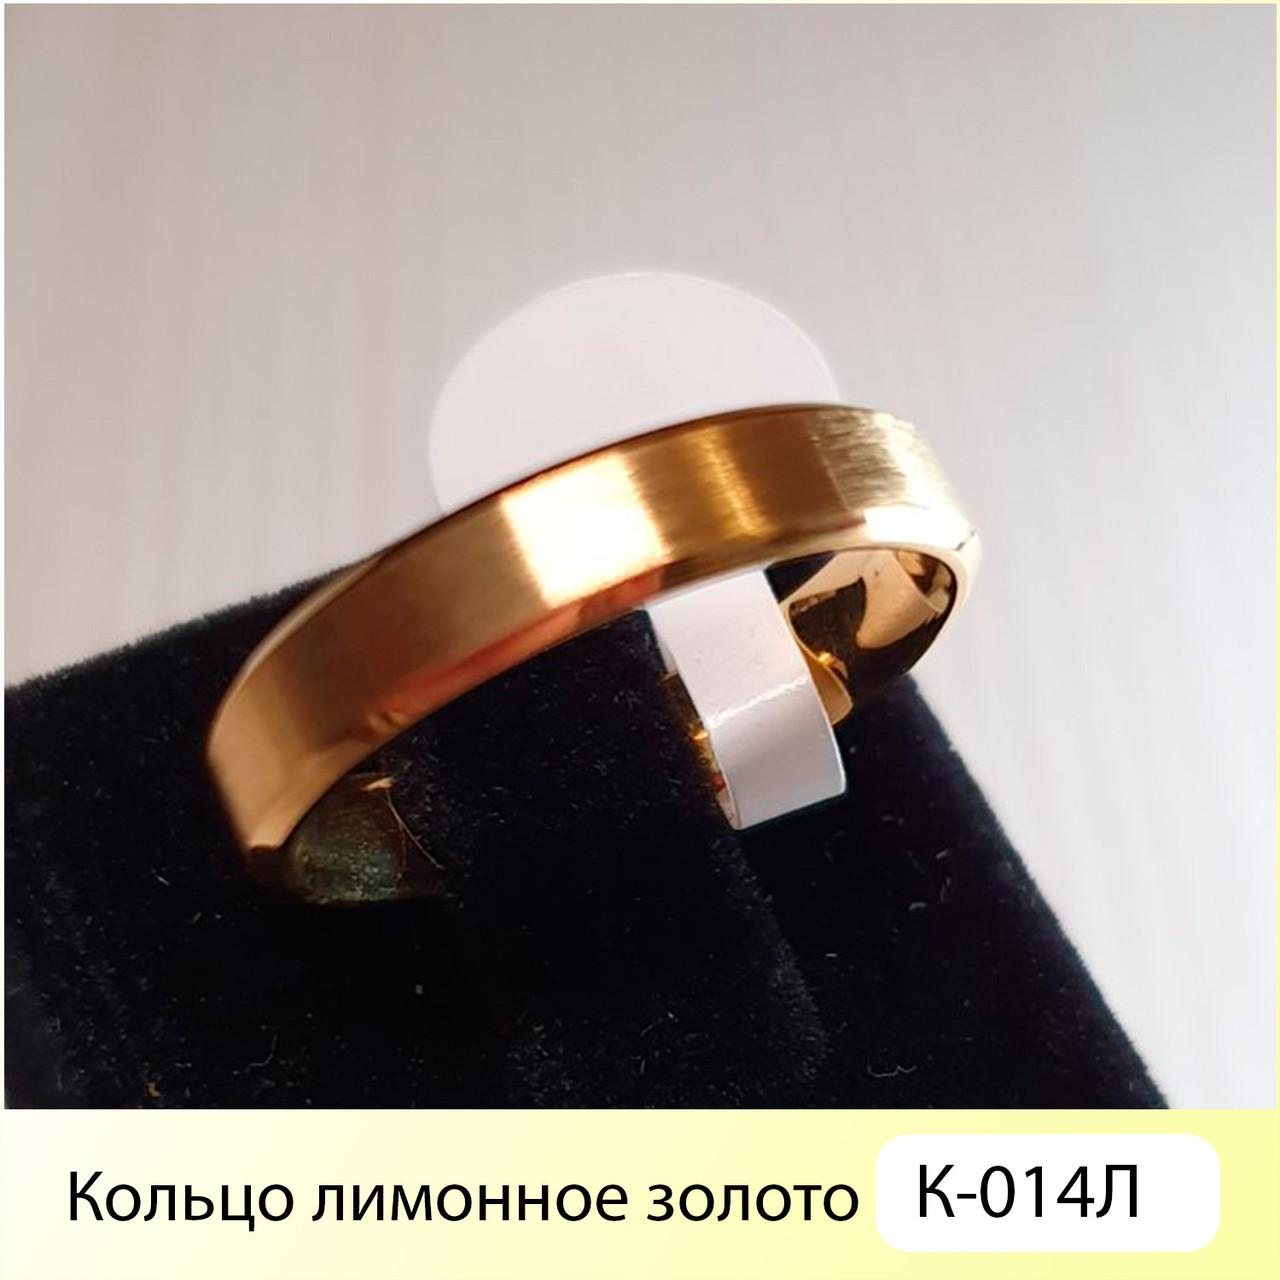 Кільце лимонне золото К-014Л